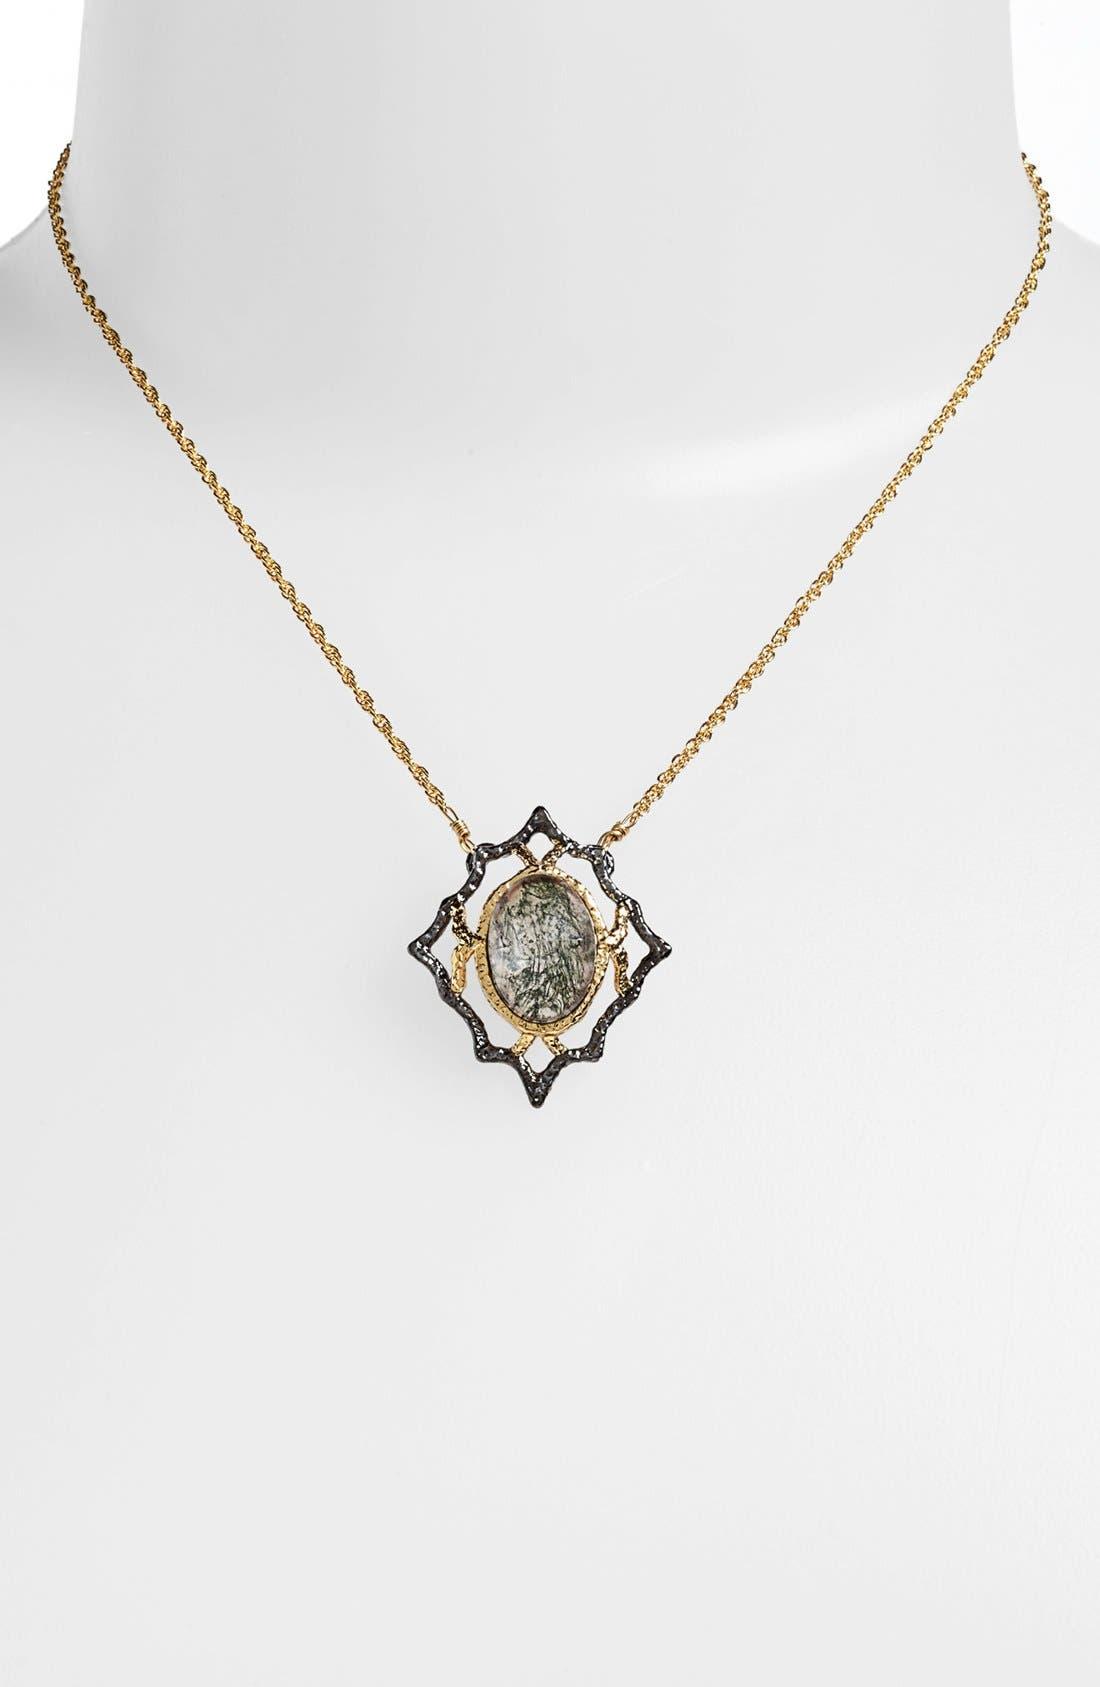 Main Image - Alexis Bittar 'Elements - Jardin de Papillon' Pendant Necklace